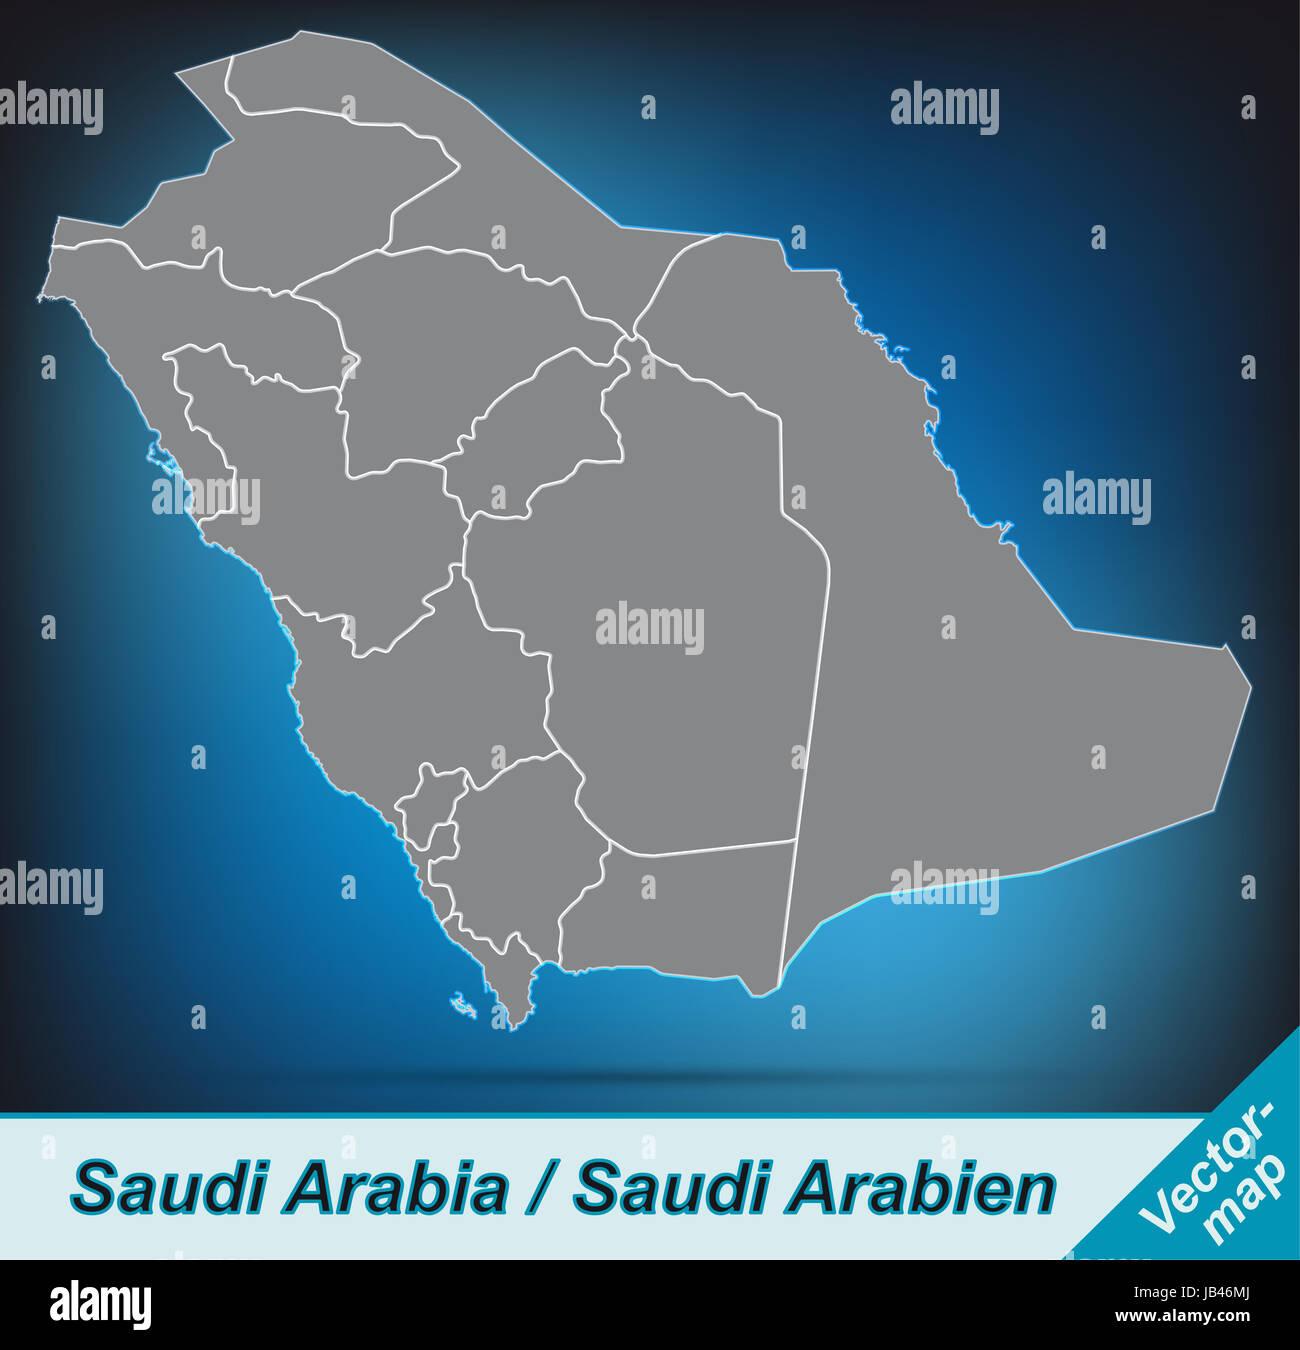 Saudi-Arabien in Asien als Grenzkarte mit Grenzen durch die ansprechende Gestaltung fügt sich die Karte perfekt Immagini Stock